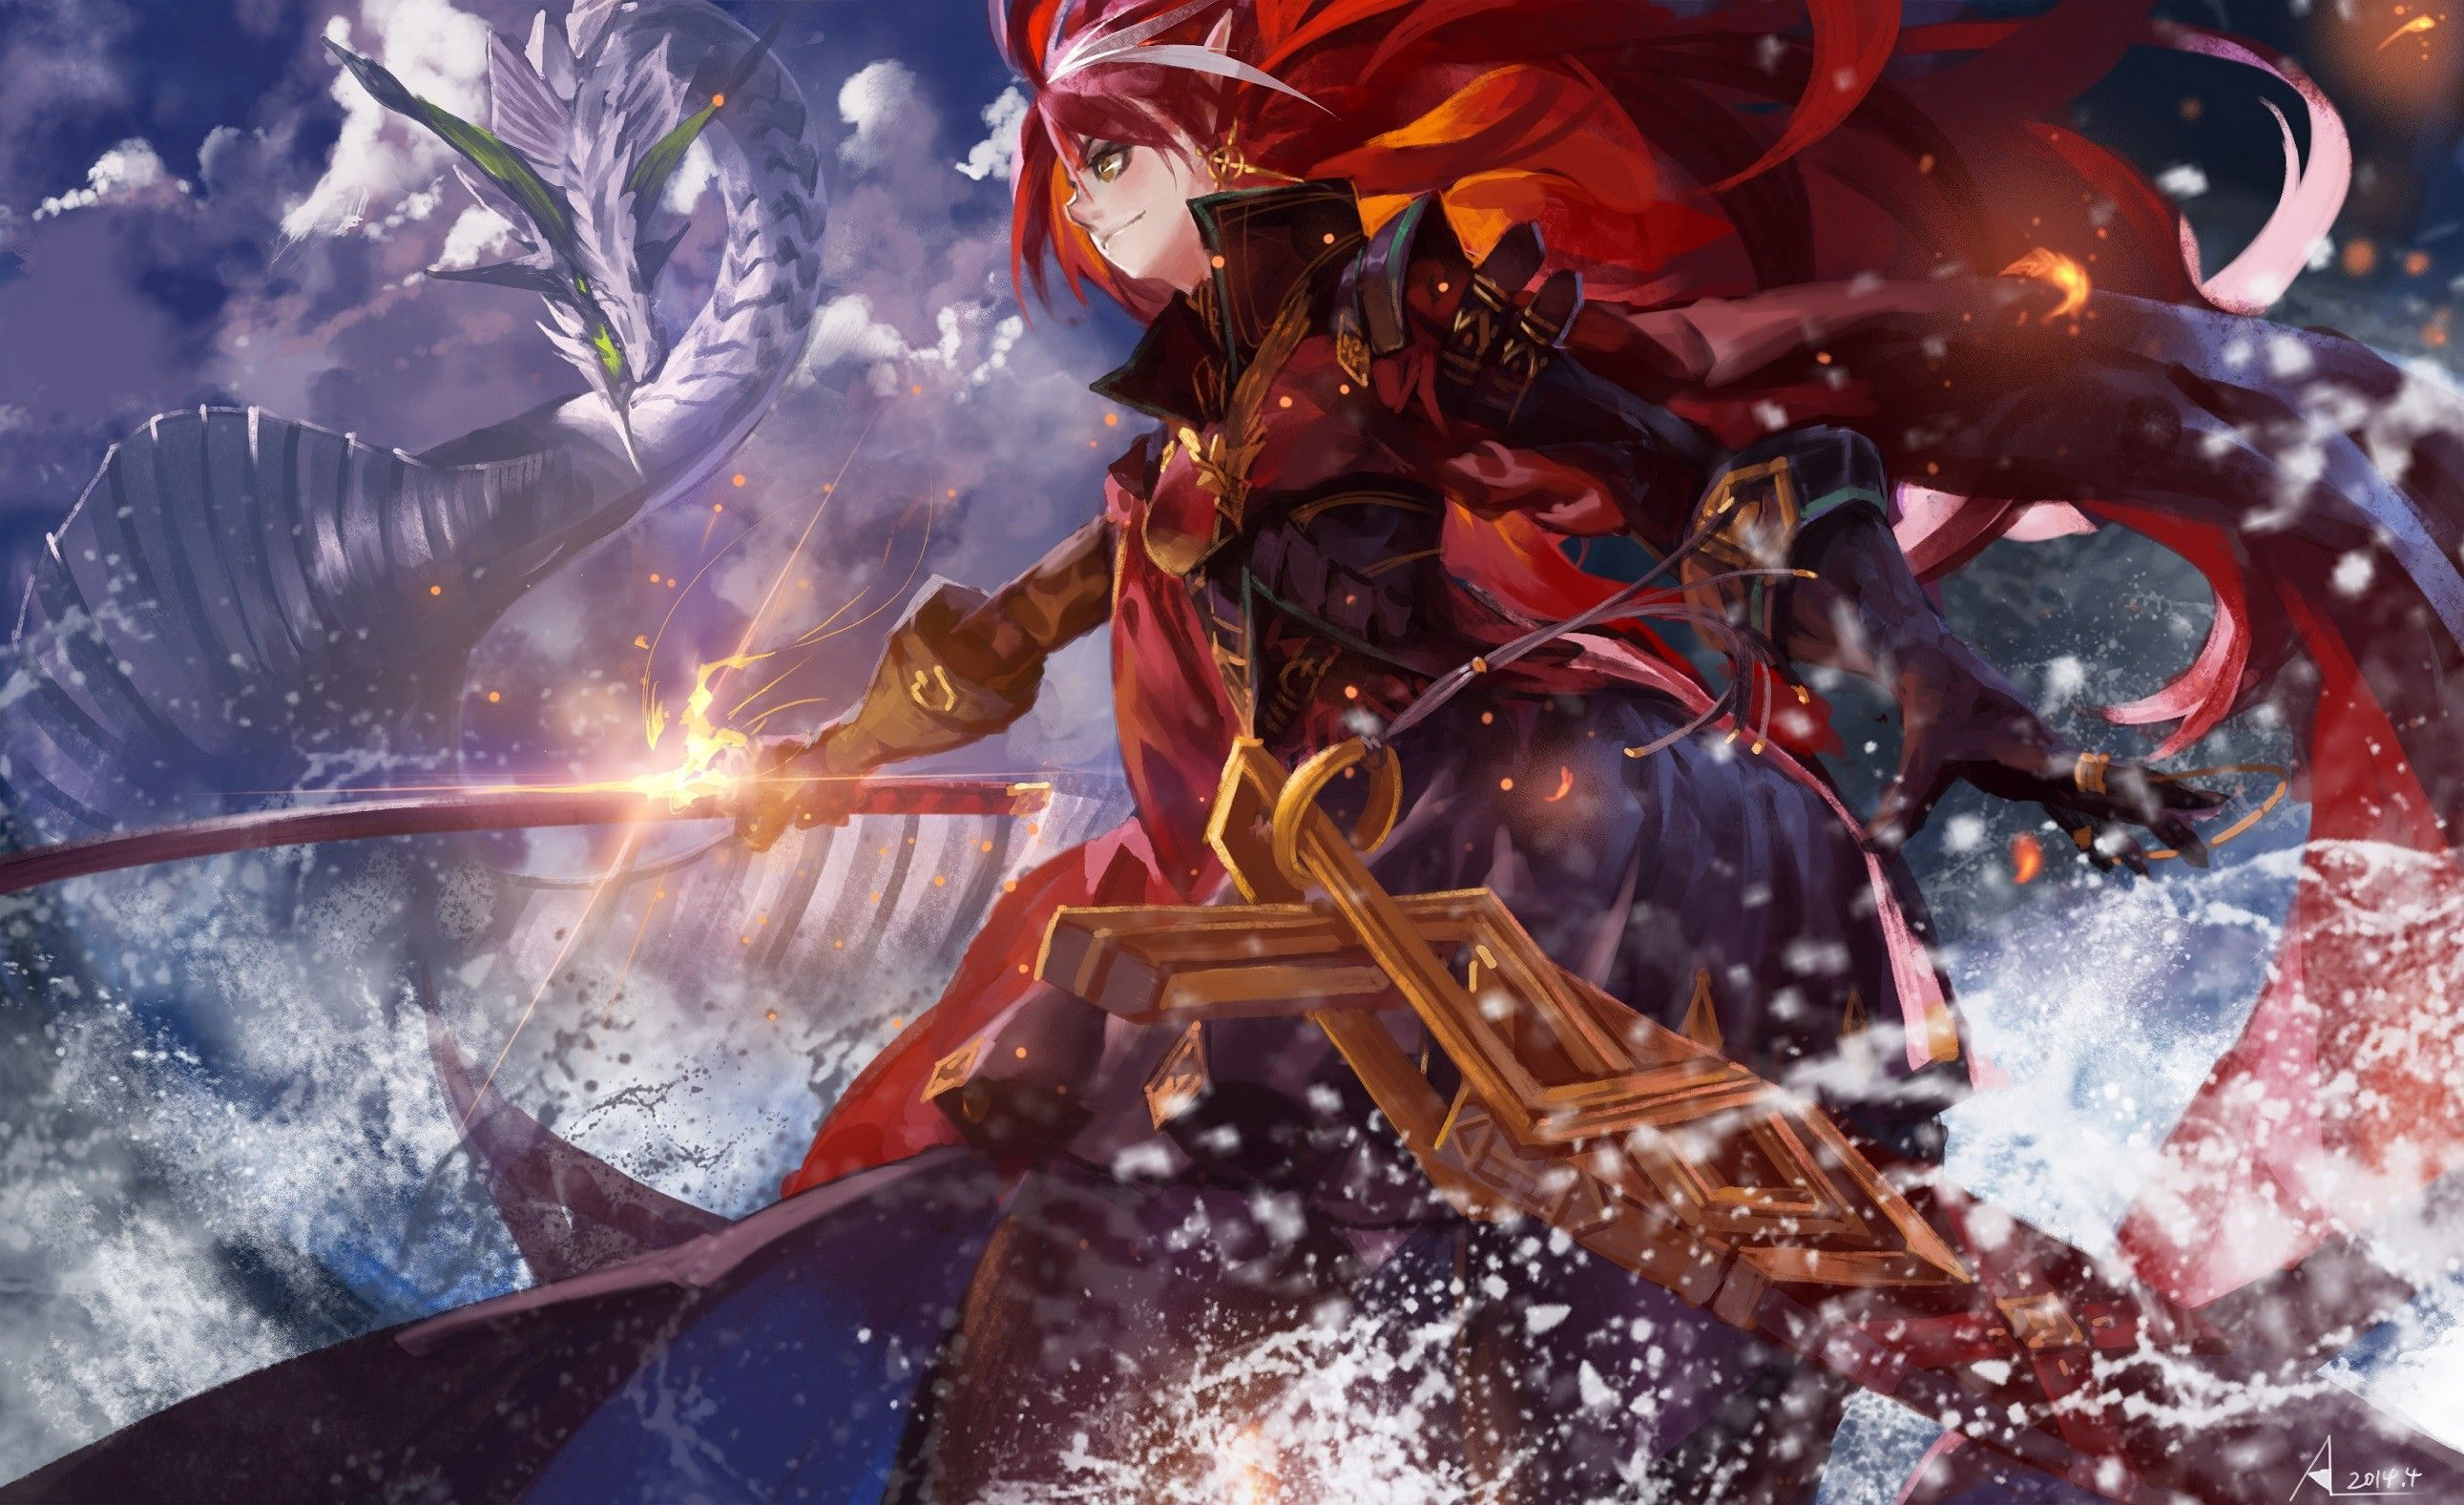 #dragons, #swords, #katana, #Pixiv Fantasia   Wallpaper No ...